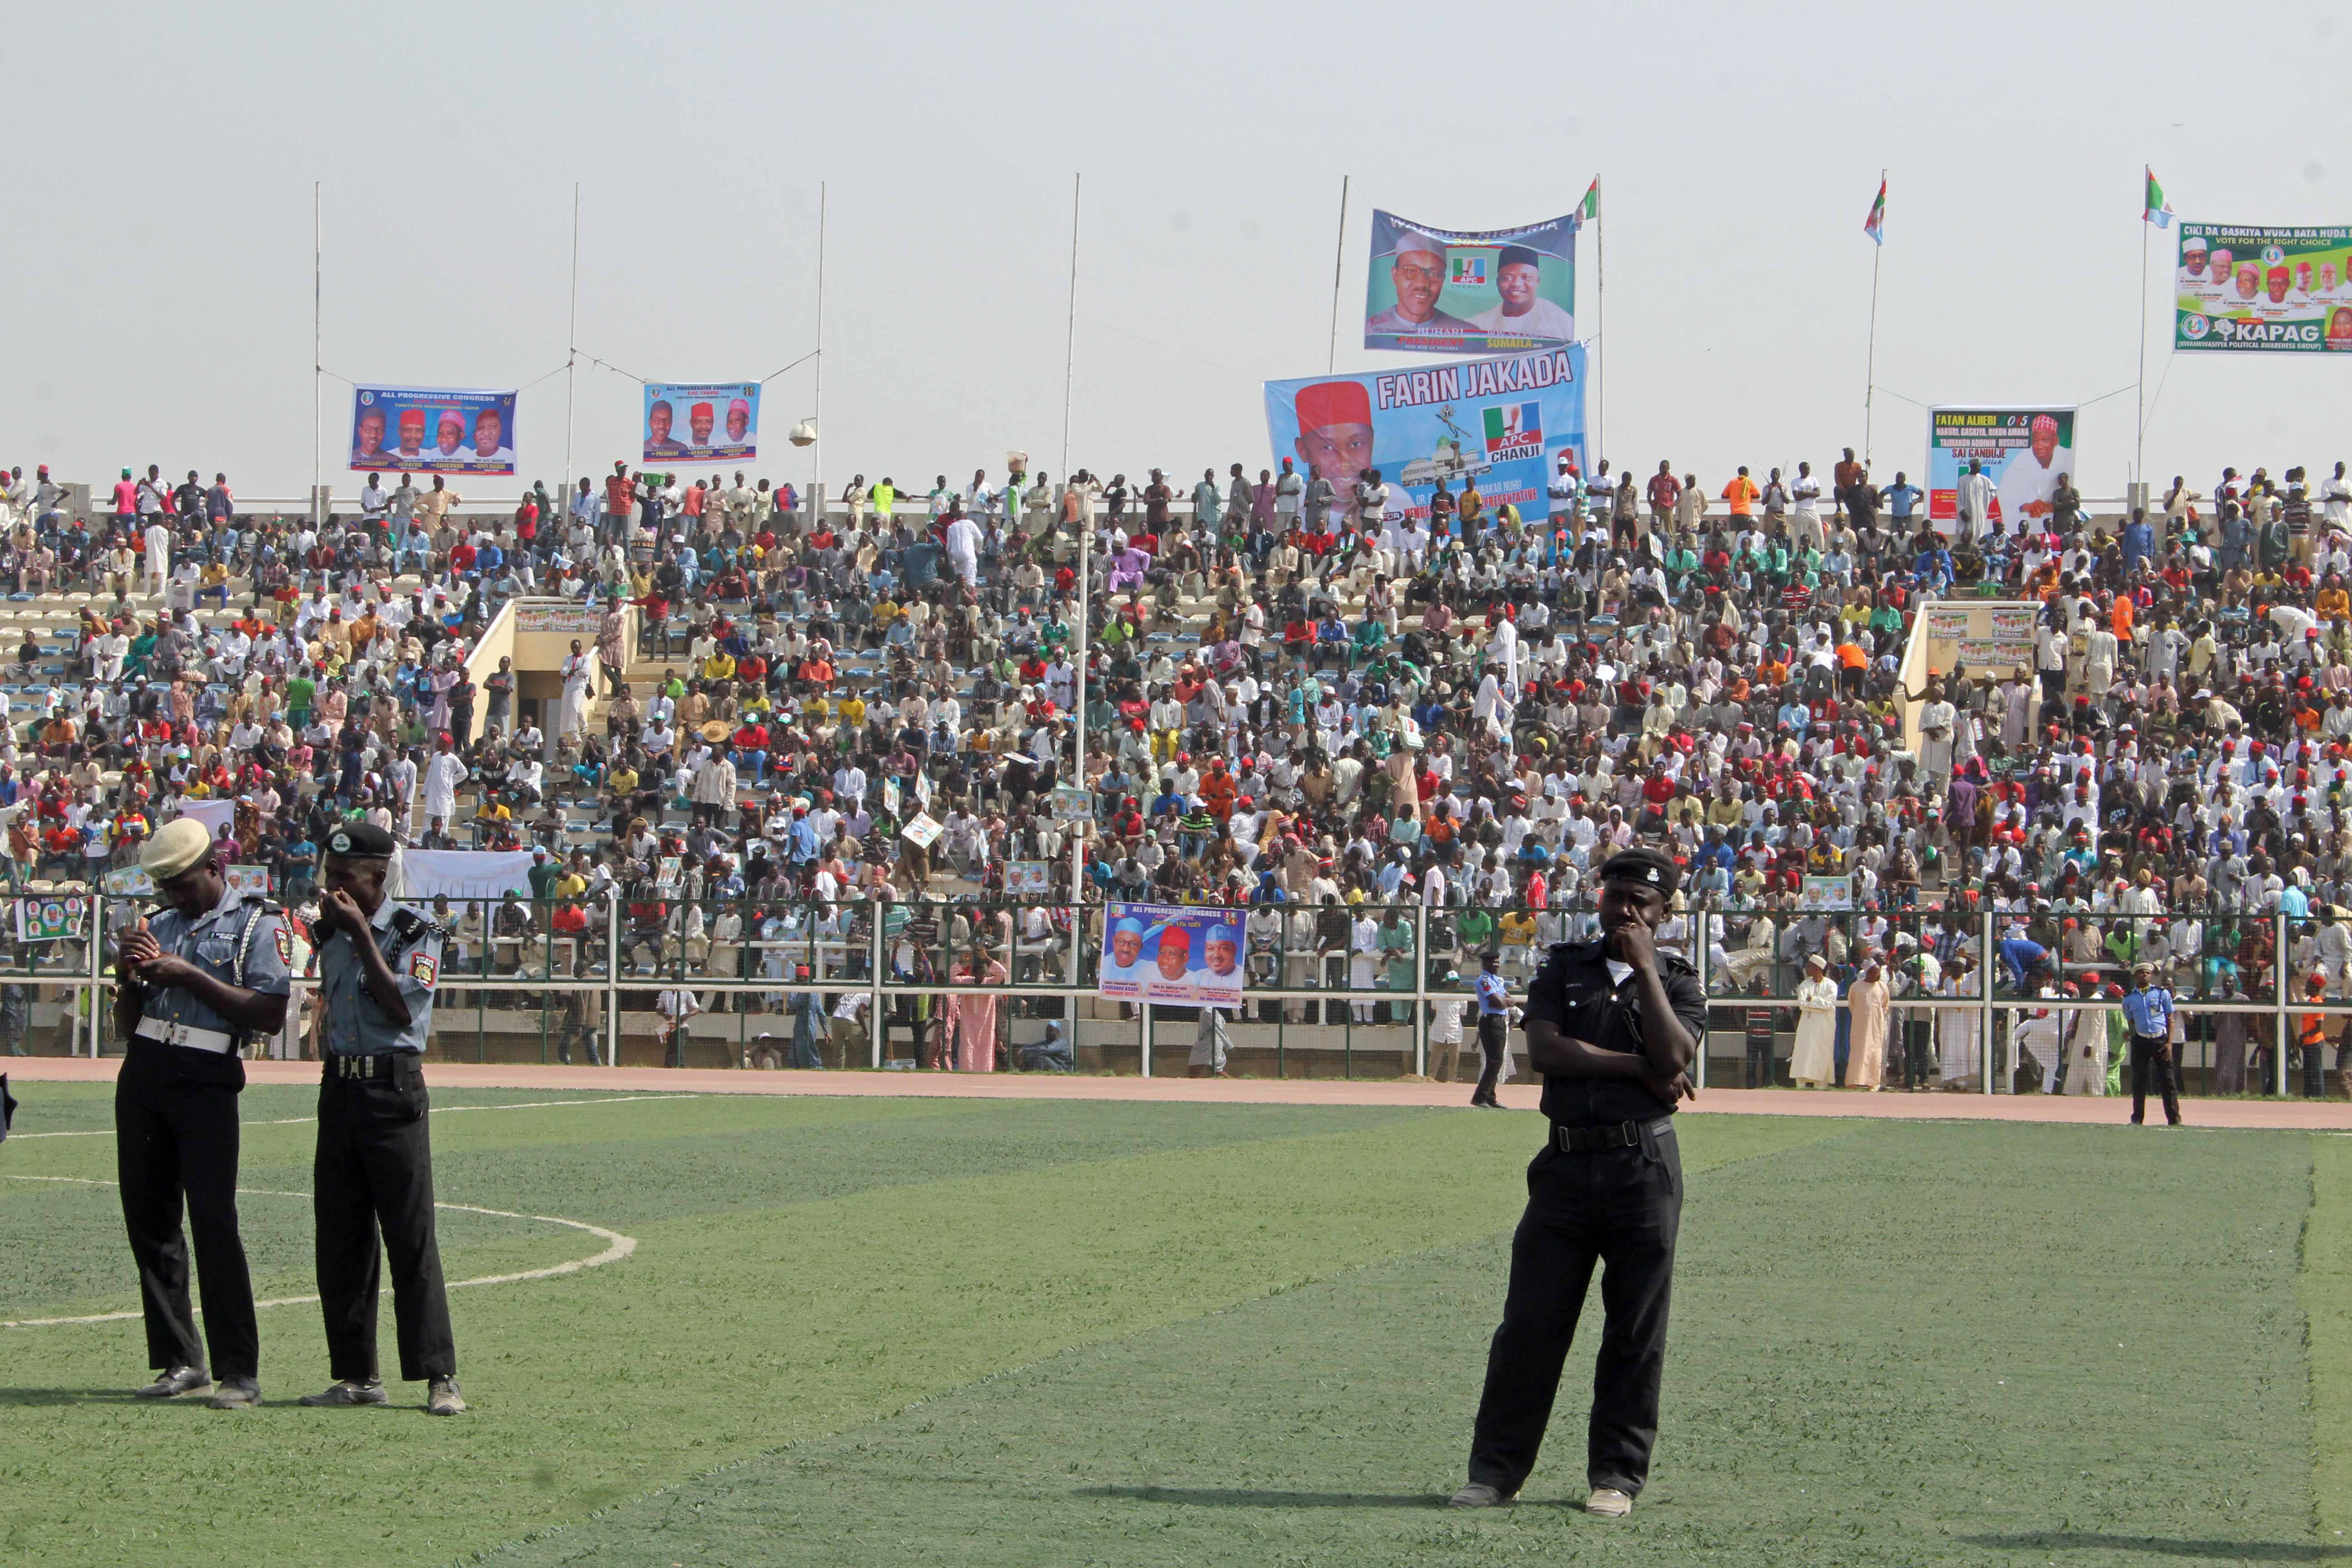 Buhari Campaign Rally (Kaduna)